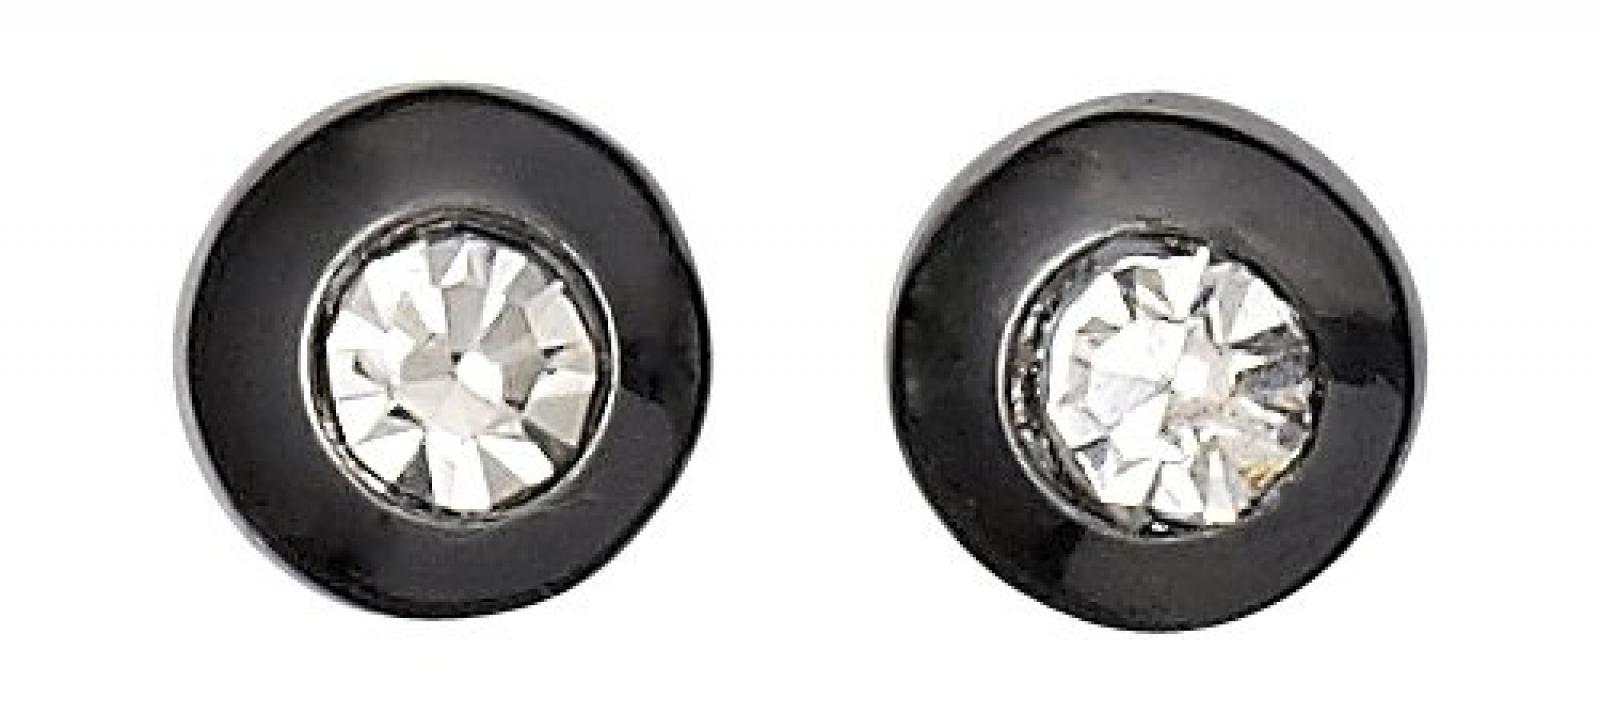 Pilgrim Jewelry Damen-Ohrstecker aus der Serie Classic hematite beschichtet weiß 0.6 cm 601313013